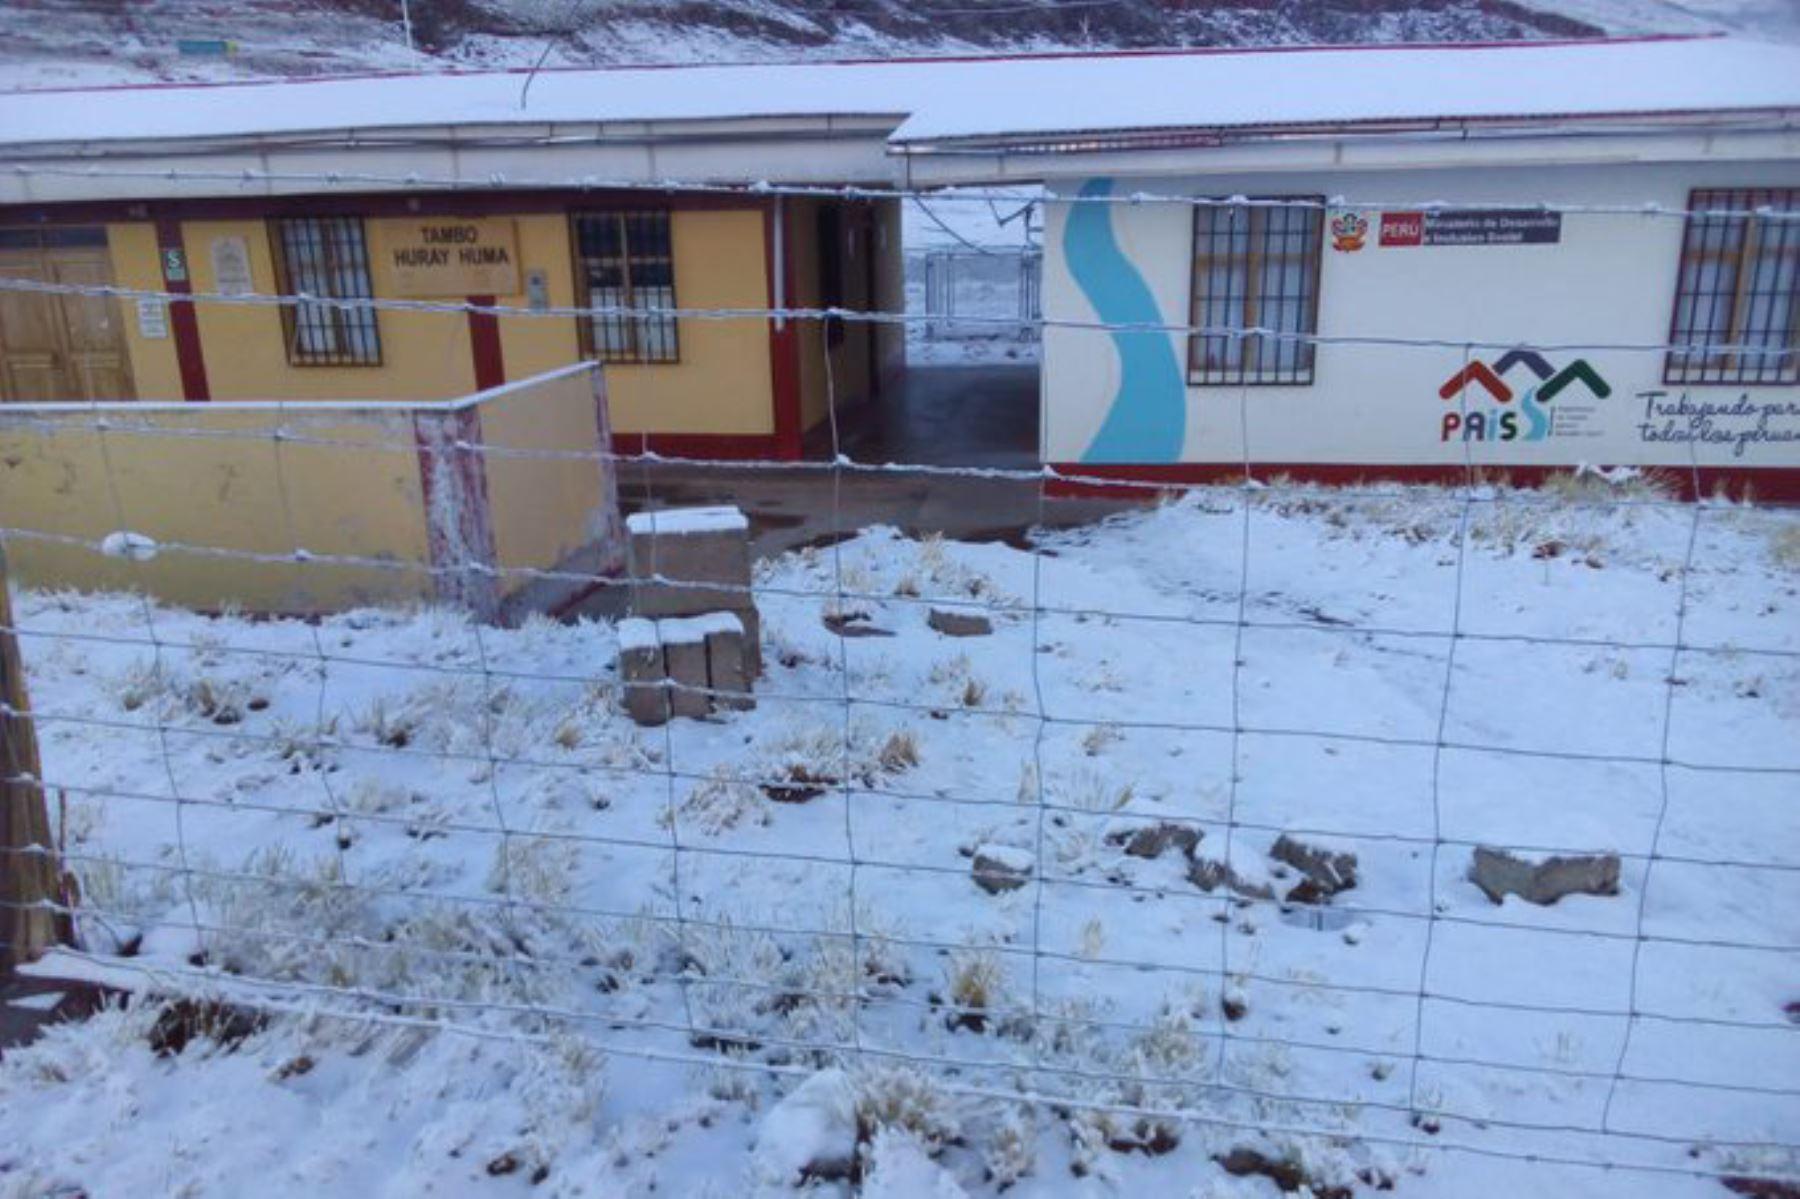 La Sierra soportará precipitaciones líquidas y sólidas desde esta tarde hasta el domingo 24, informó el Senamhi. Foto: ANDINA/Difusión